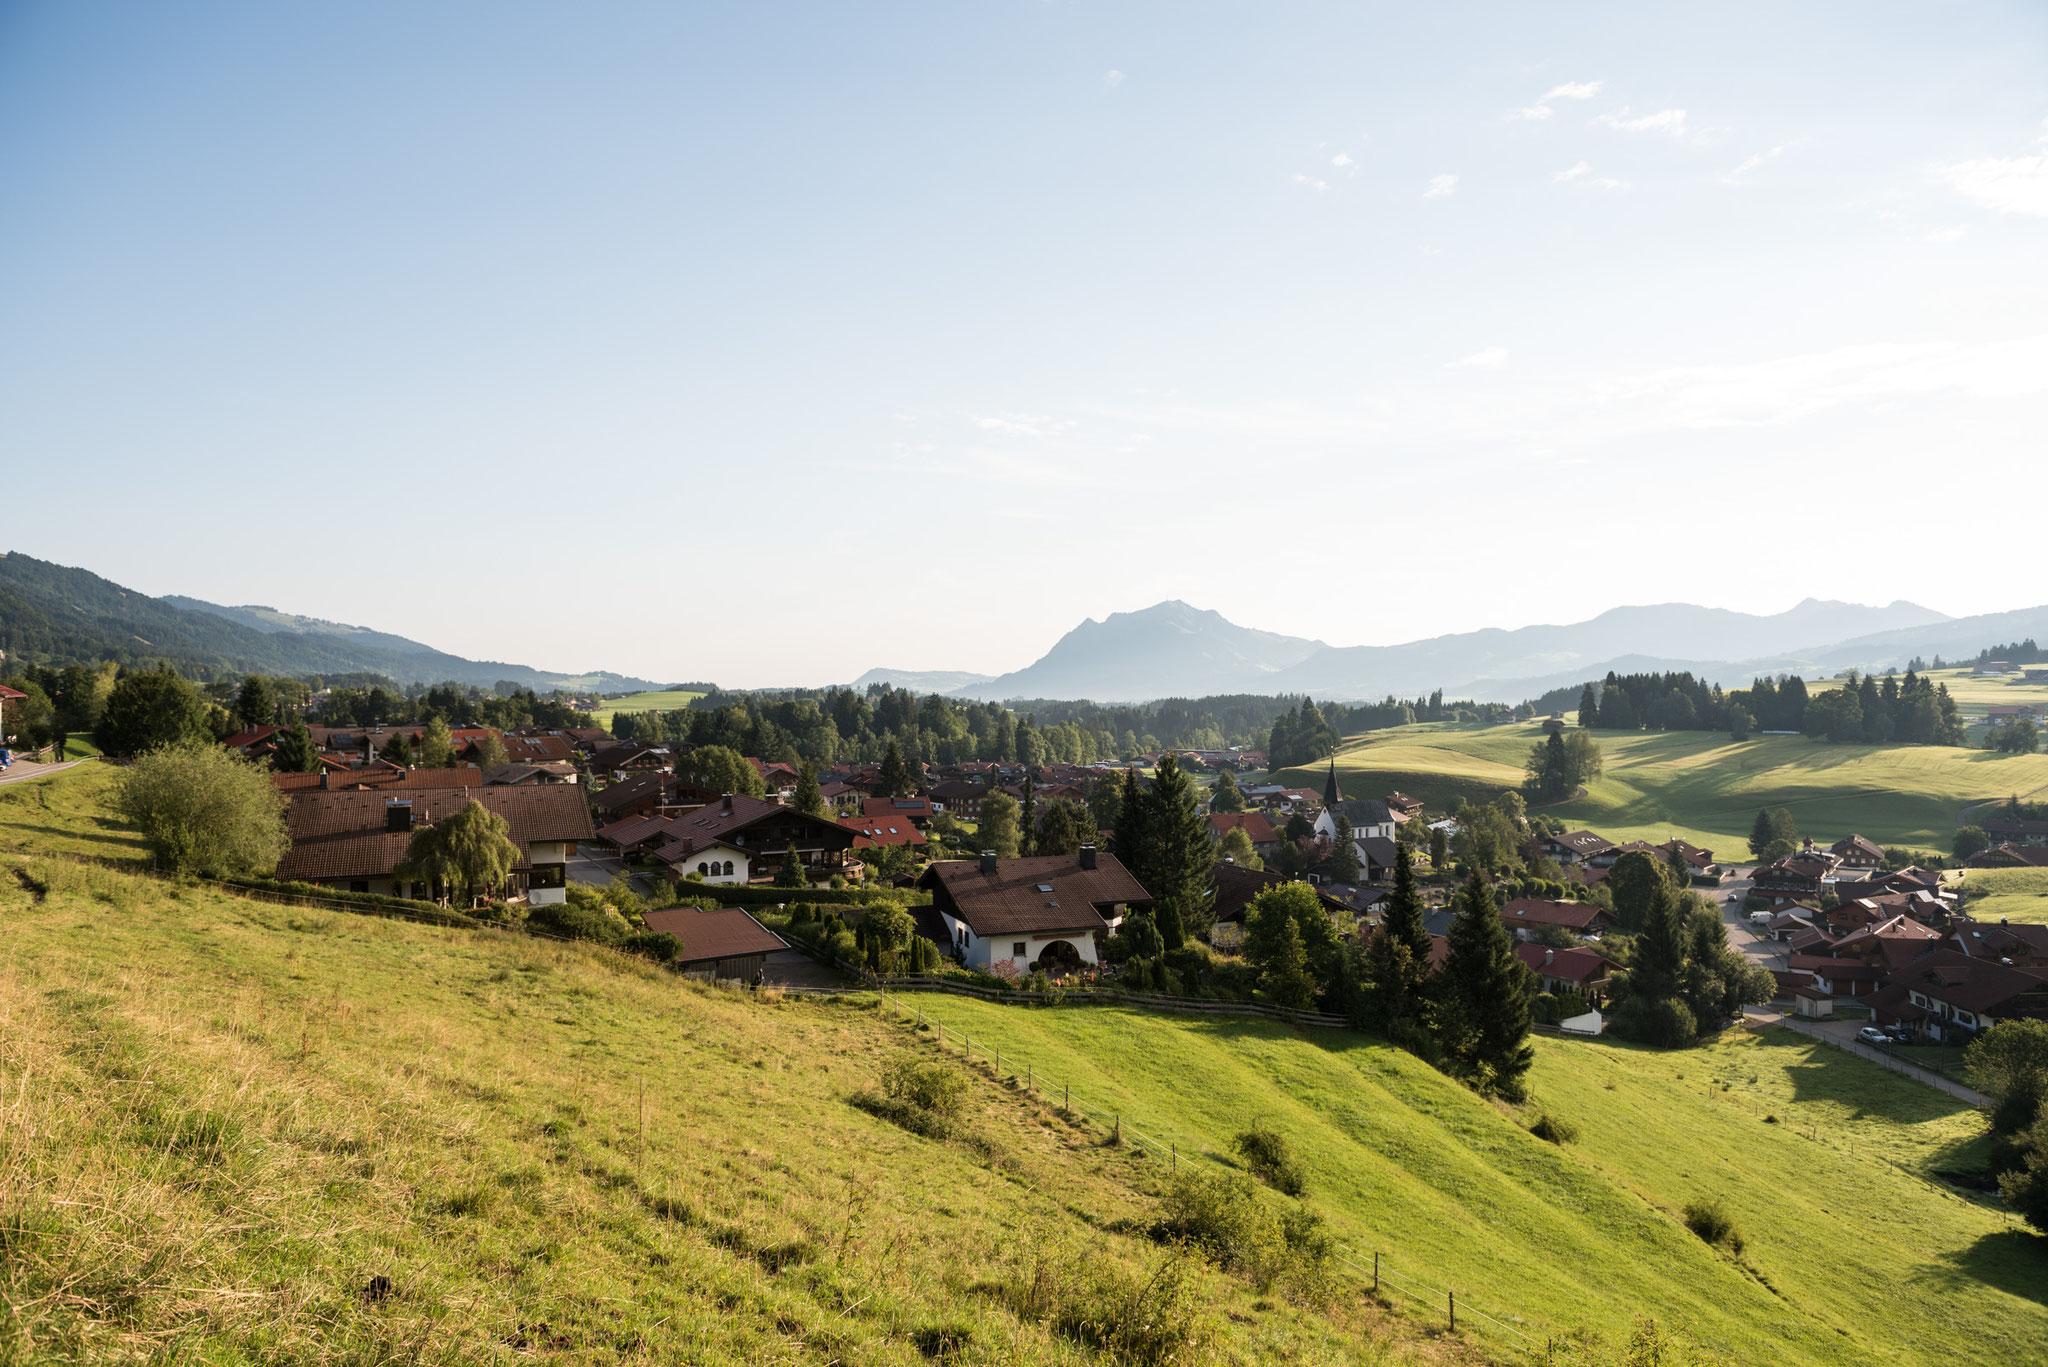 © Tourismus Hörnerdörfer GmbH, Frithjof Kjer